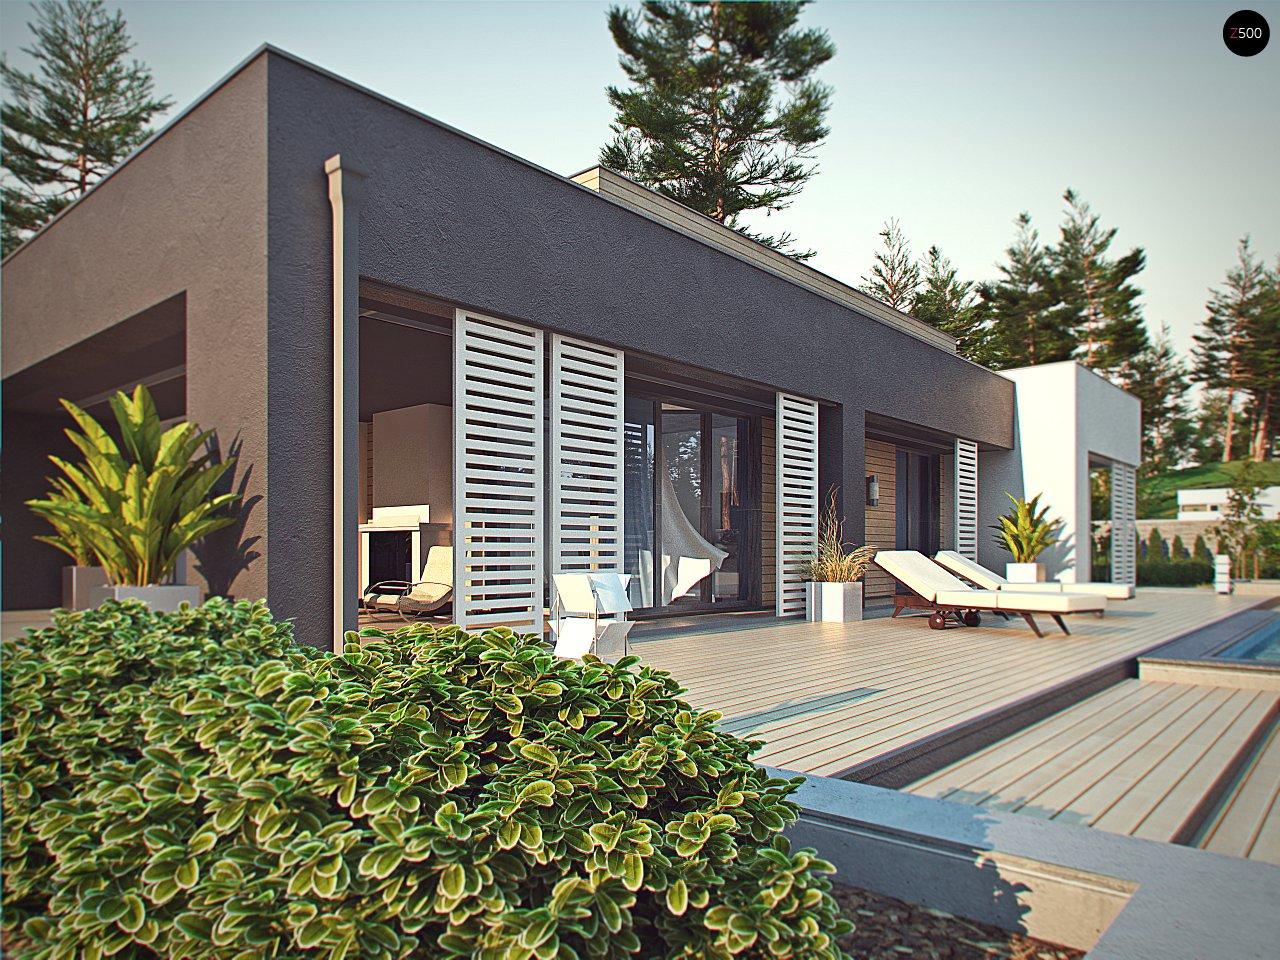 Одноэтажный дом в стиле хай-тек с плоской кровлей и большой площадью остекления. 13